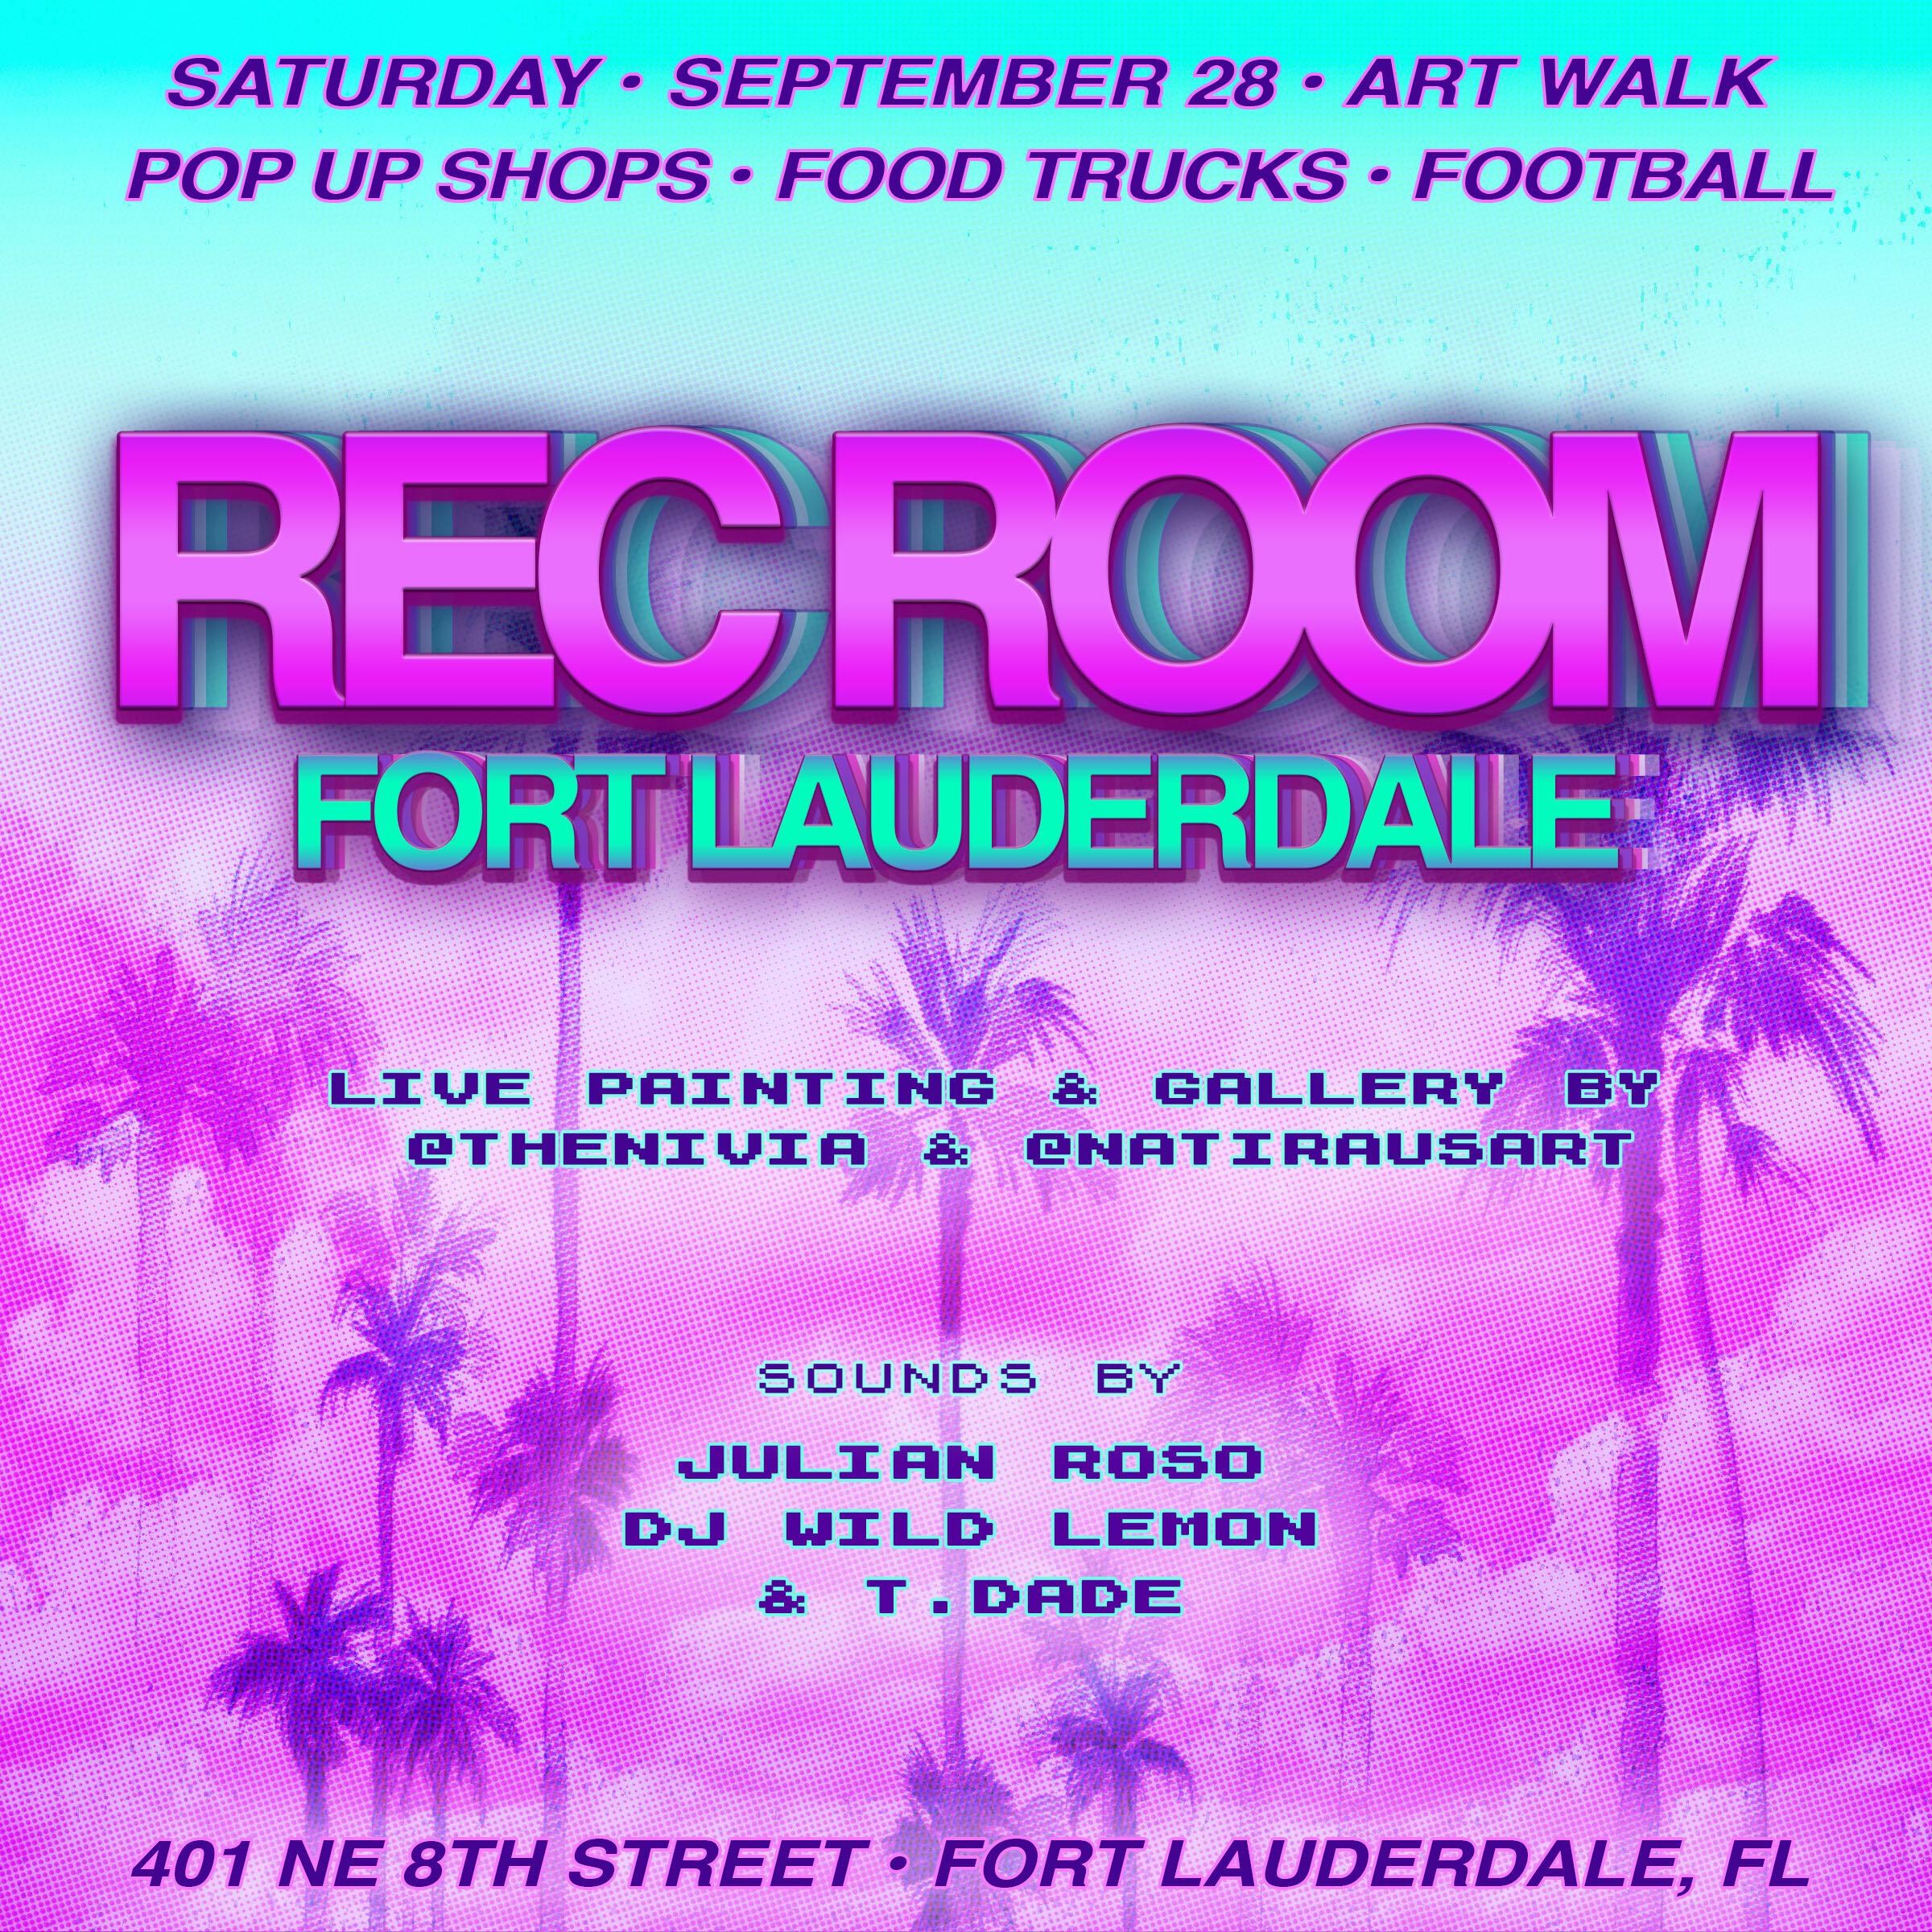 9-28-19 RECROOM FTL FLIER.jpg